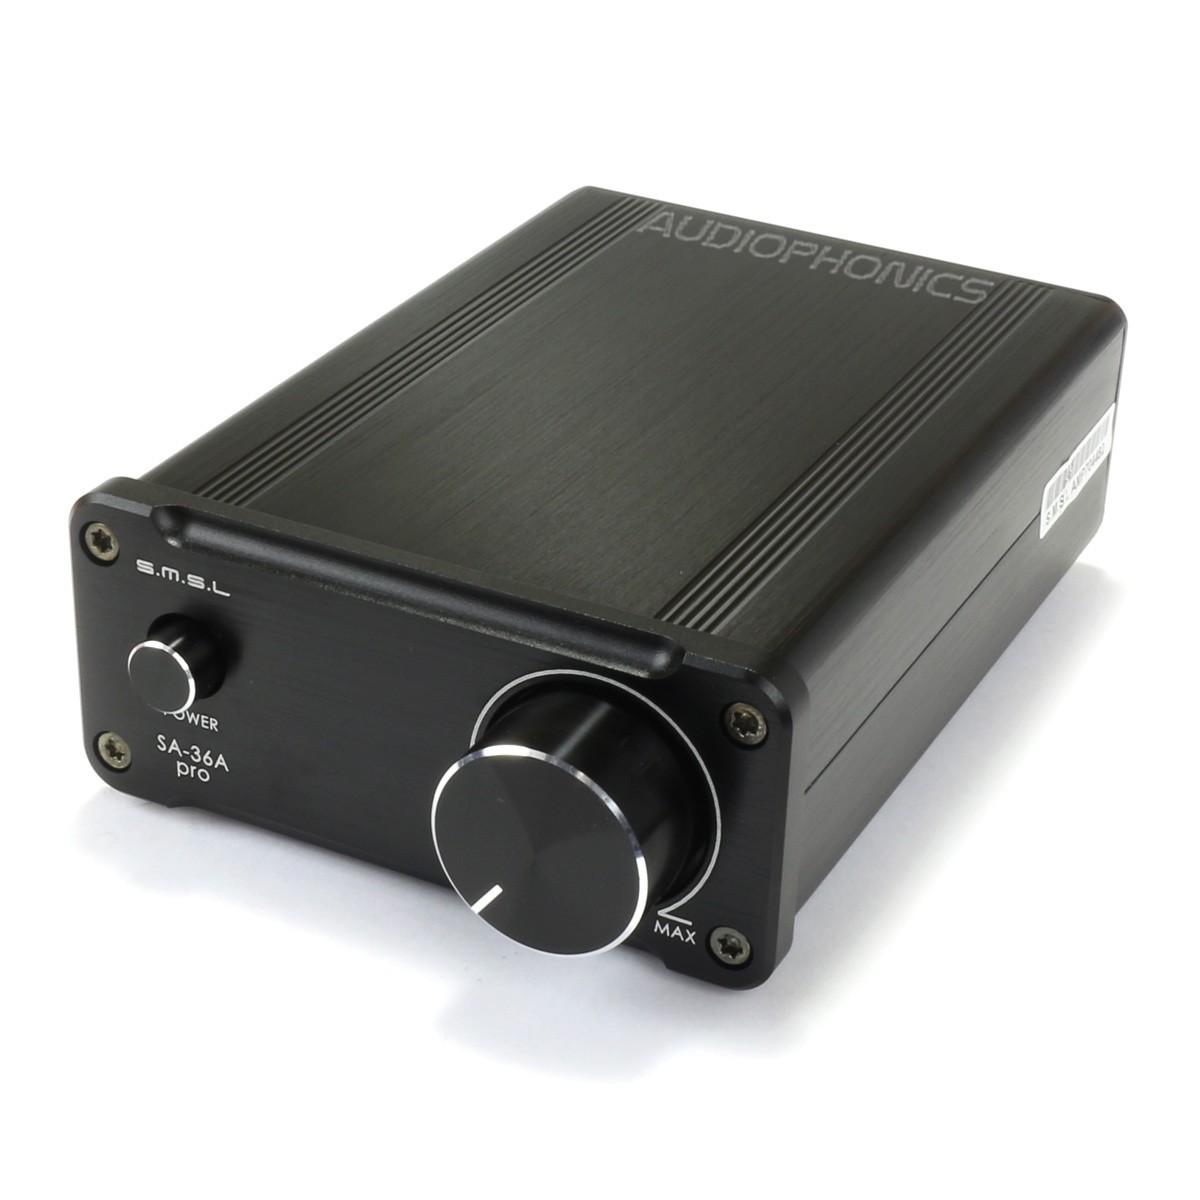 SMSL SA-36A Pro Amplificateur numérique TDA7492PE Class D 2x 25W / 4 Ohm